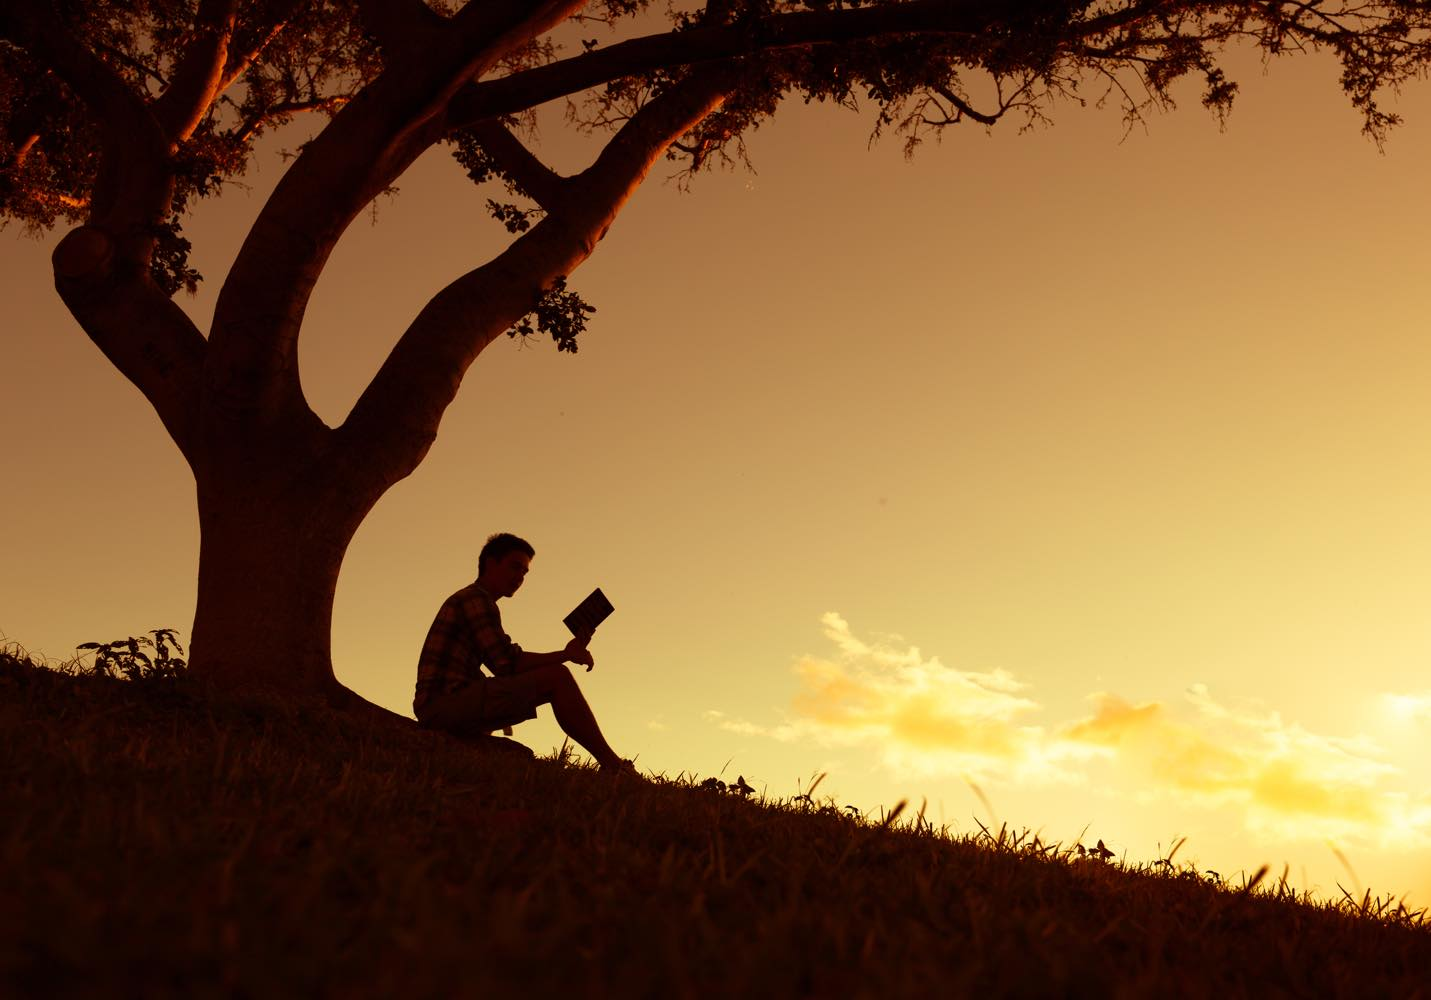 【小説紹介】本谷有希子『腑抜けども、悲しみの愛を見せろ』惰性で毎日を過ごしているあなたへ